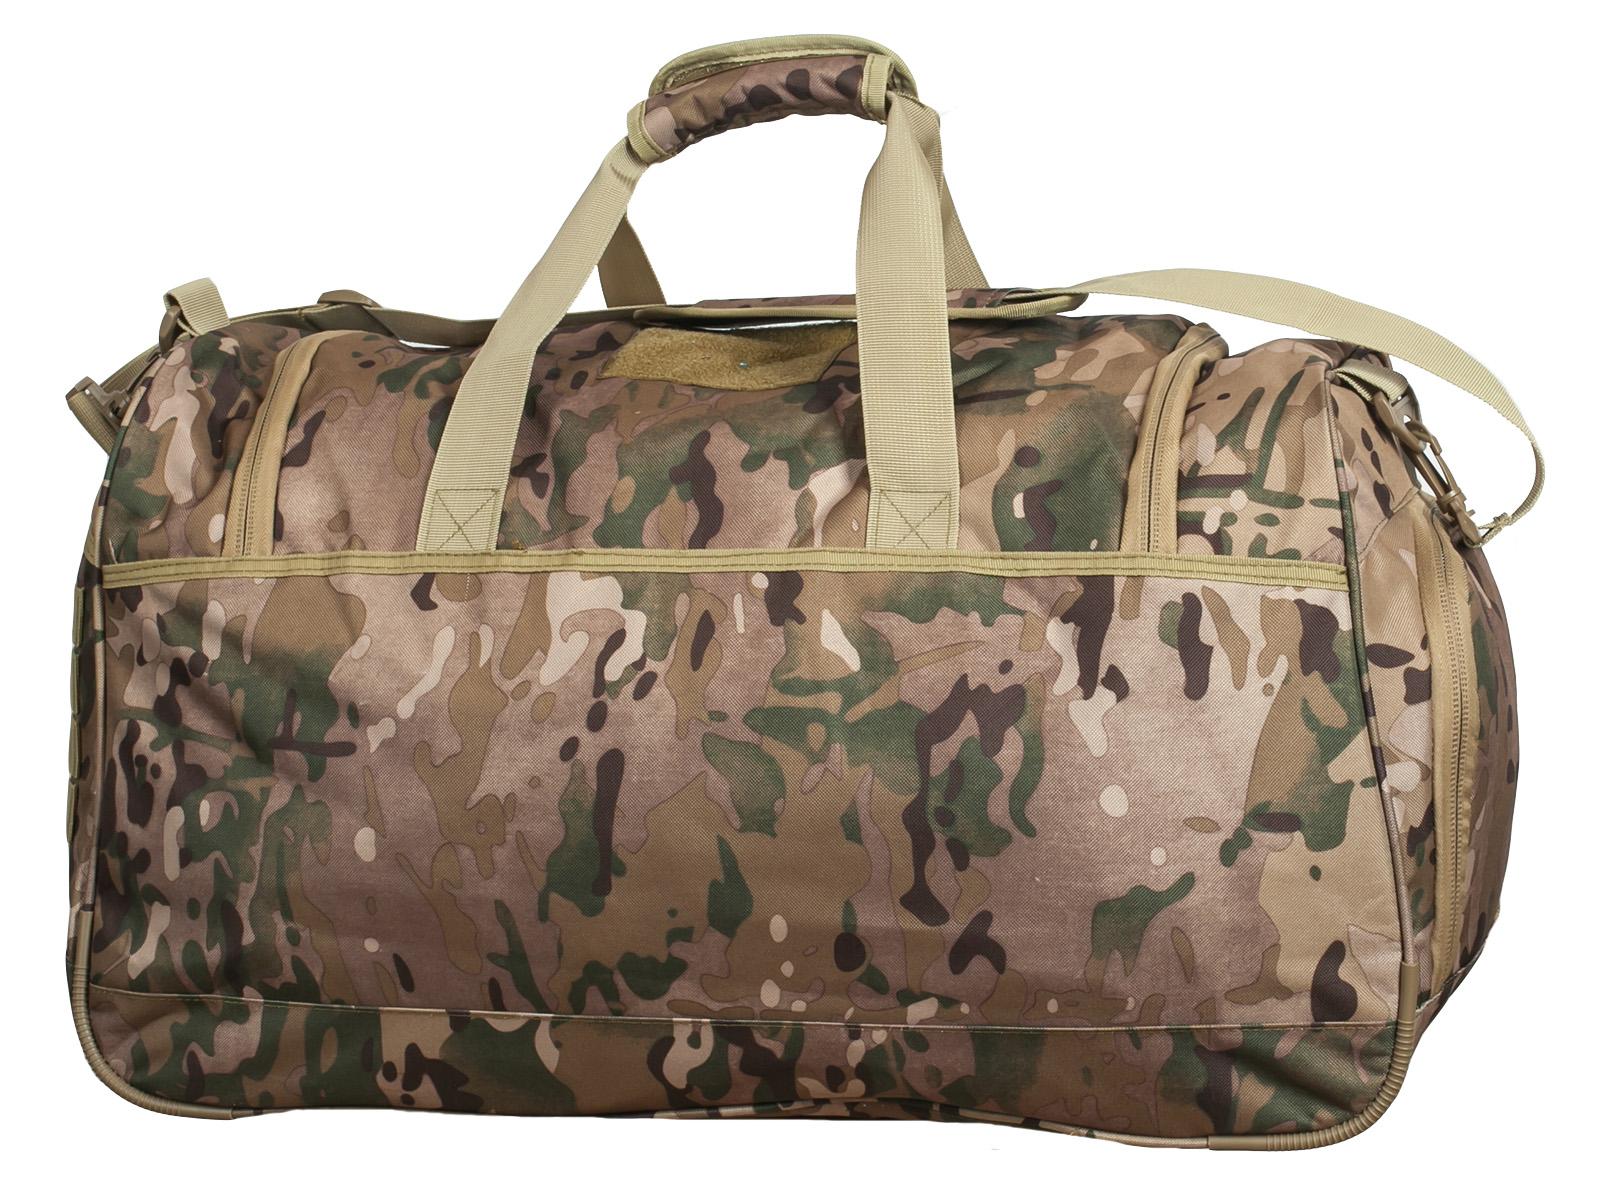 Недорогое, но испытанное на прочность военное снаряжение: сумки и рюкзаки Десанта